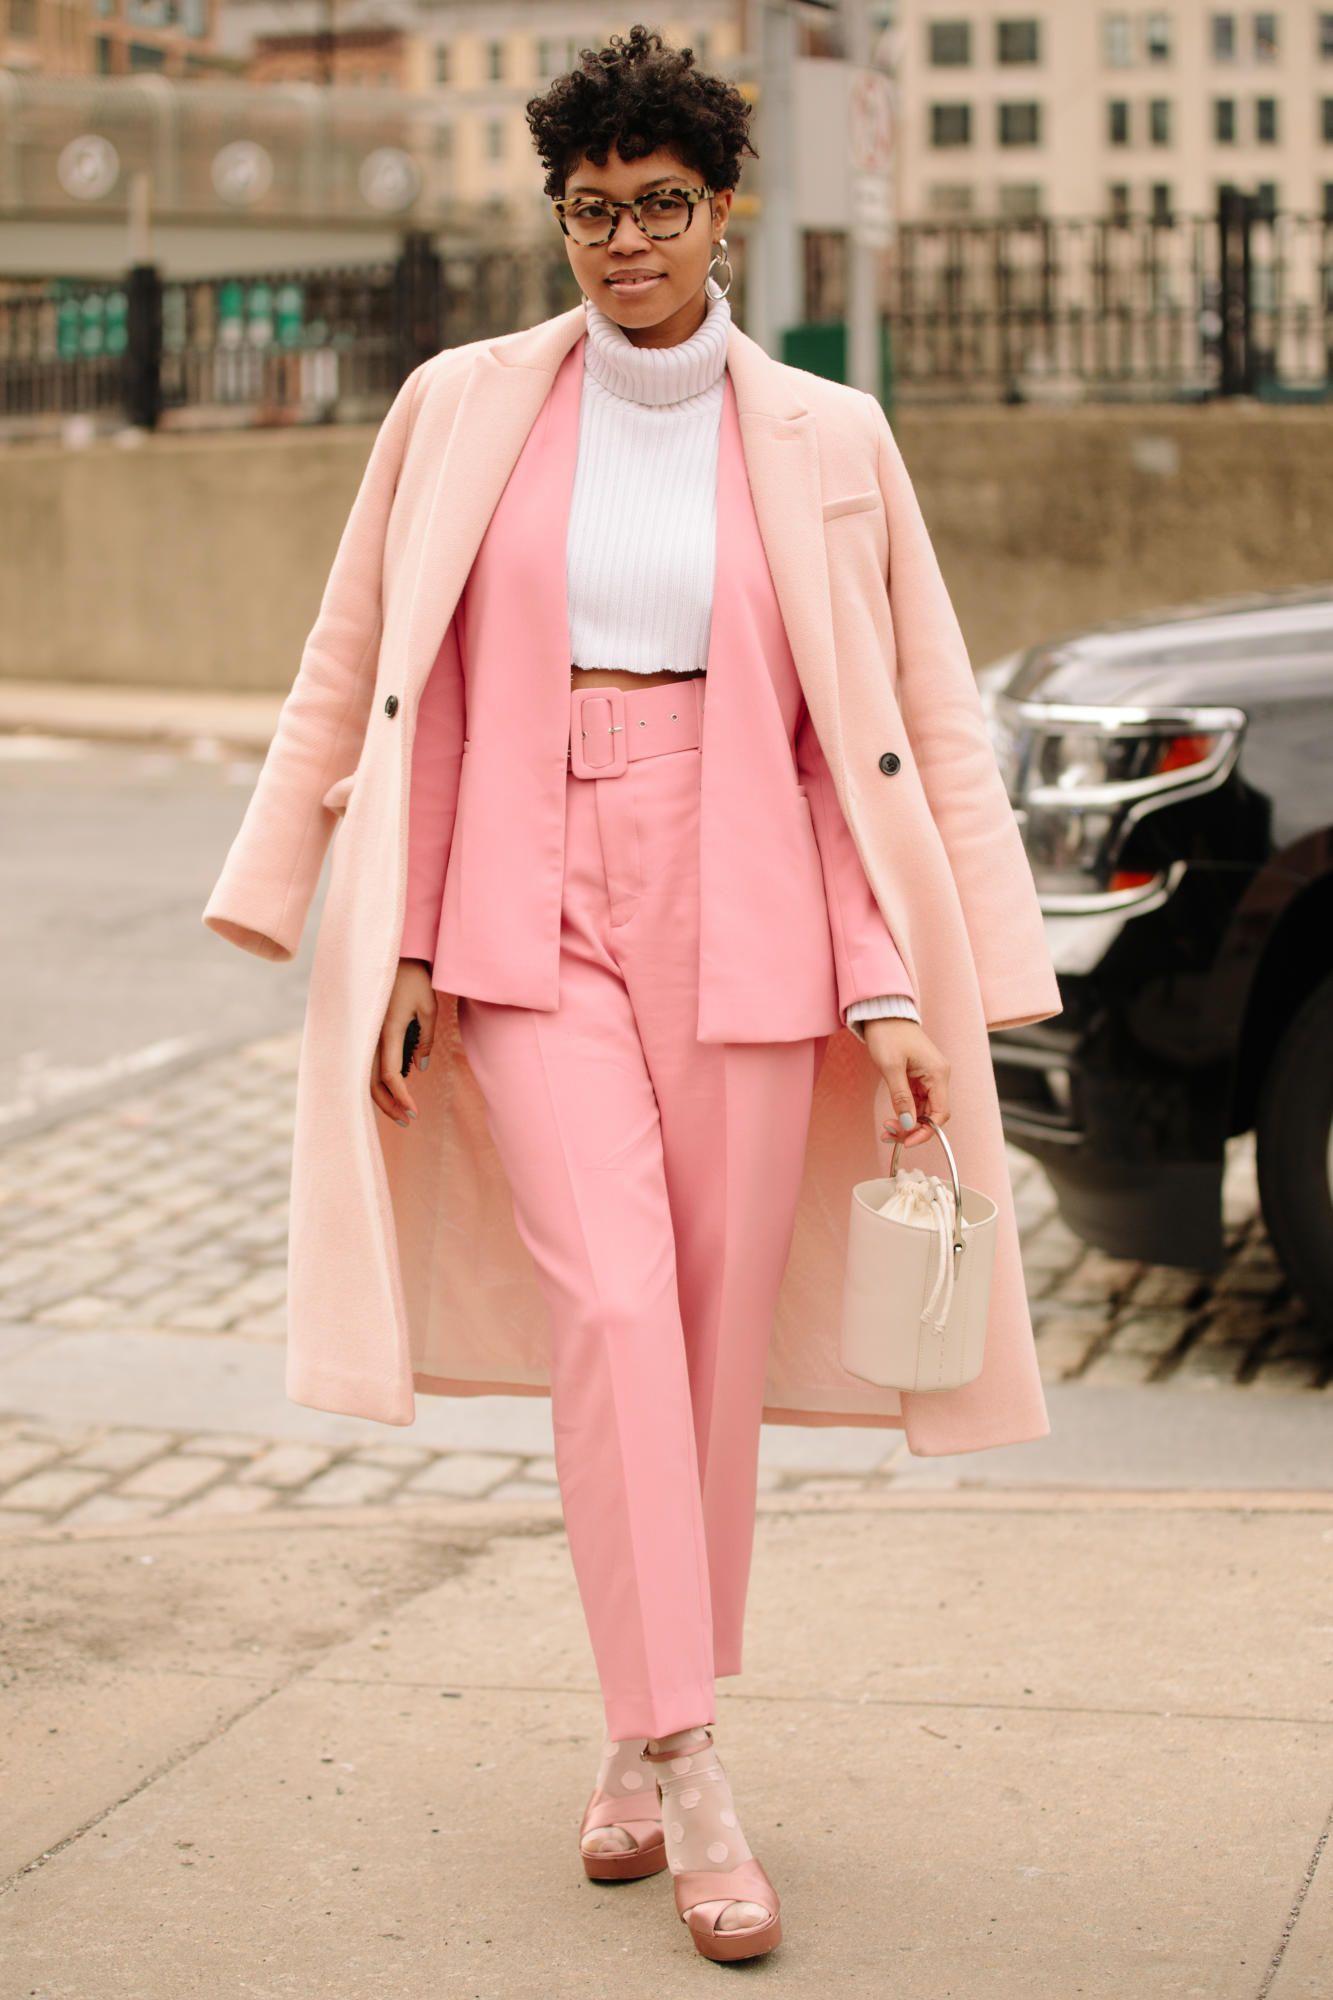 Pin de Tan en outfit inspiration | Pinterest | Chicle, Traje sastre ...